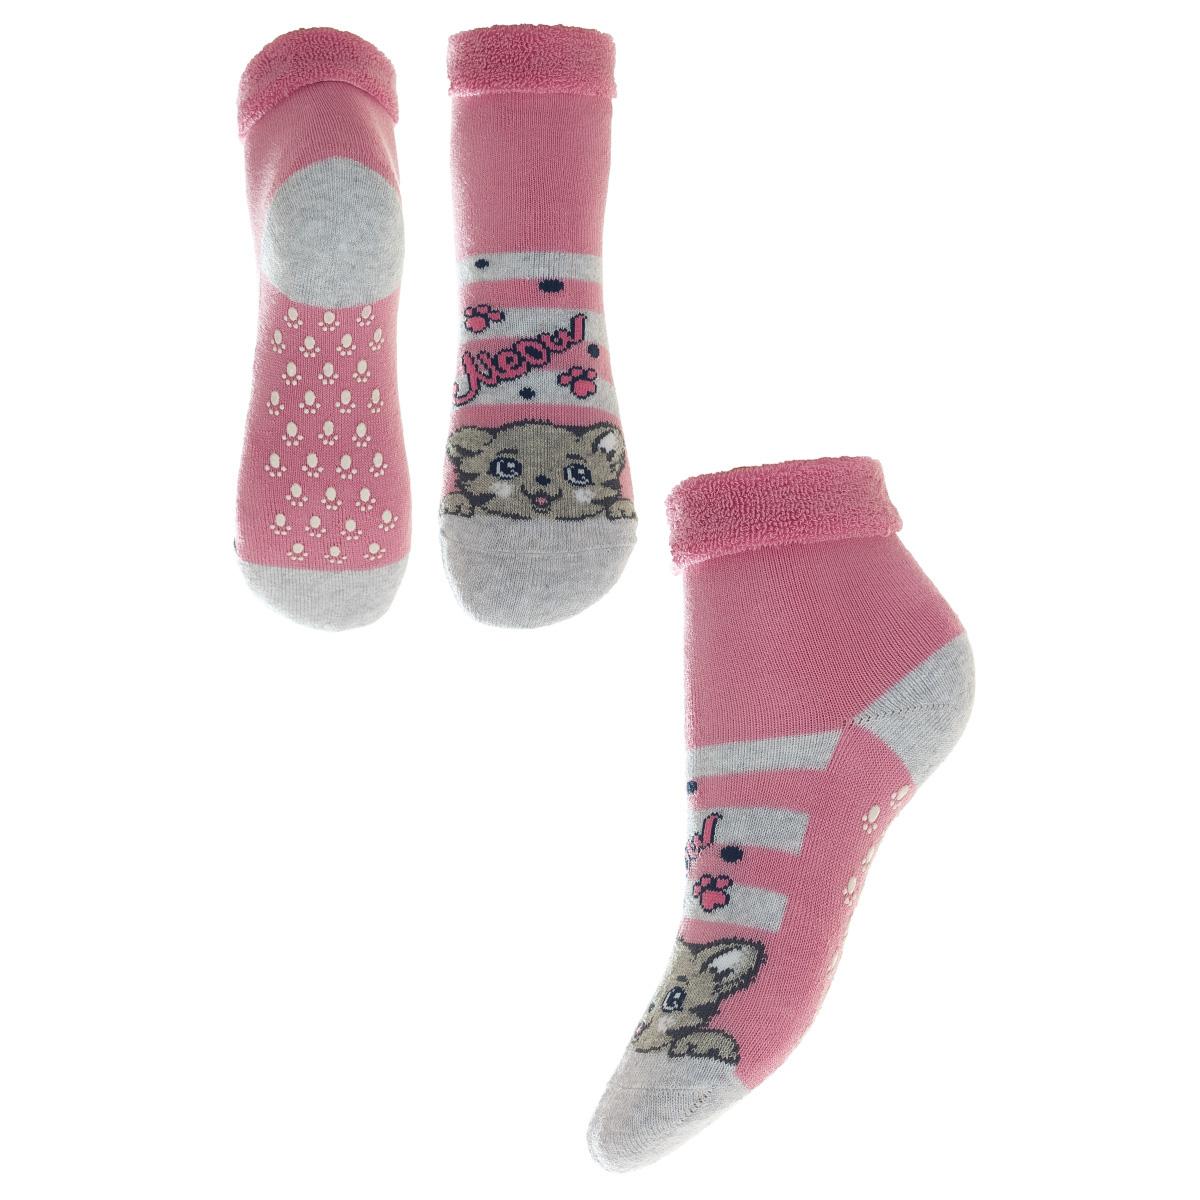 НоскиSOFTIKI25905-234Удобные носочки для девочки Conte-Kids Sof-tiki, изготовленные из высококачественного комбинированного материала, очень мягкие и приятные на ощупь, позволяют коже дышать. Модель оформлена махровым отворотом на паголенке и эластичной резинкой, которая плотно облегает ногу, обеспечивая комфорт и удобство, а антискользящее покрытие выручит при беге и ходьбе по скользкому полу.